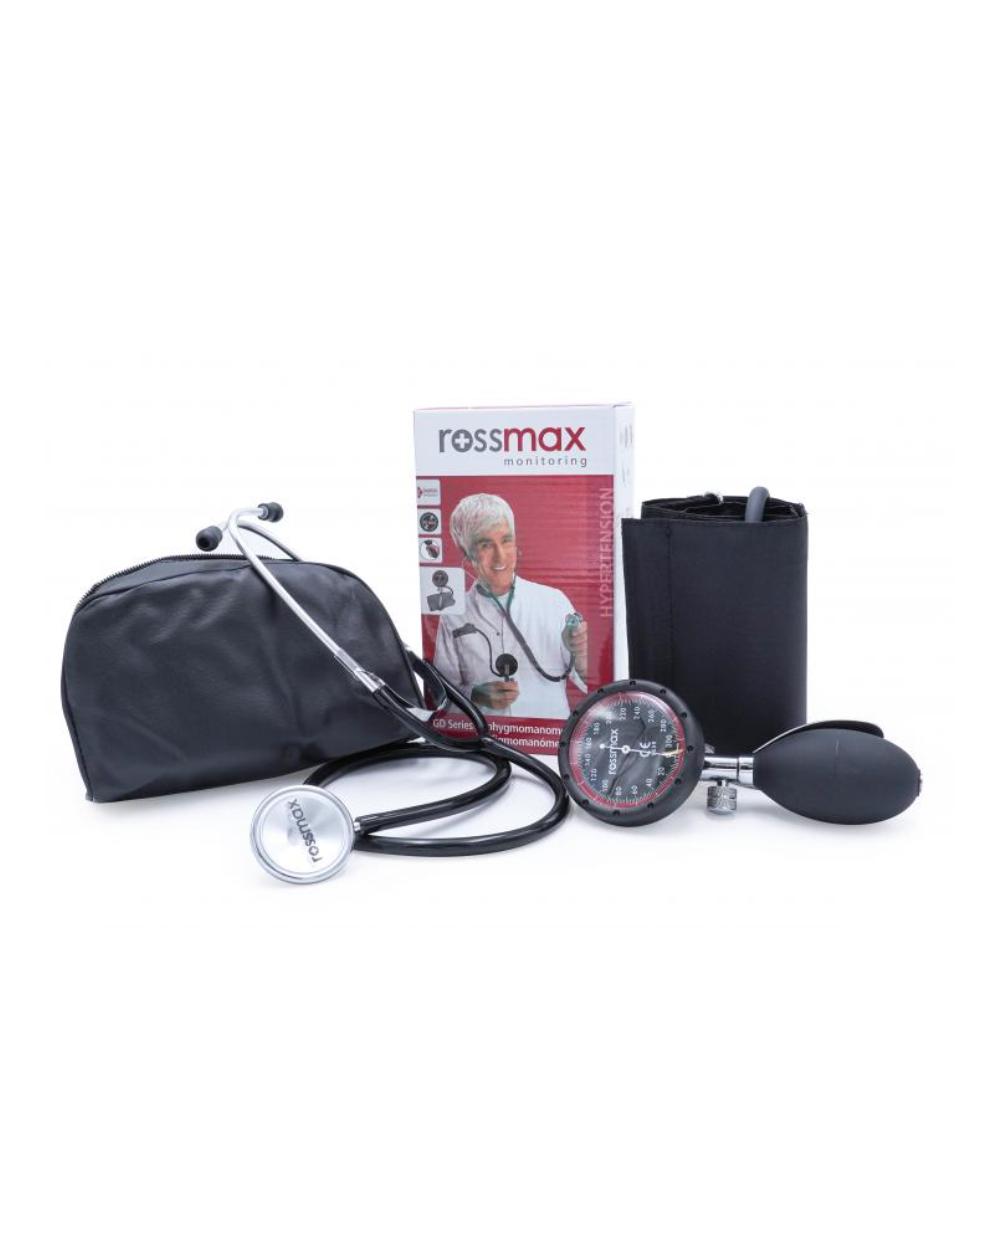 Tensiomètre ROSSMAX avec cuillère + stéthoscope gratuit www.vivamedical.be